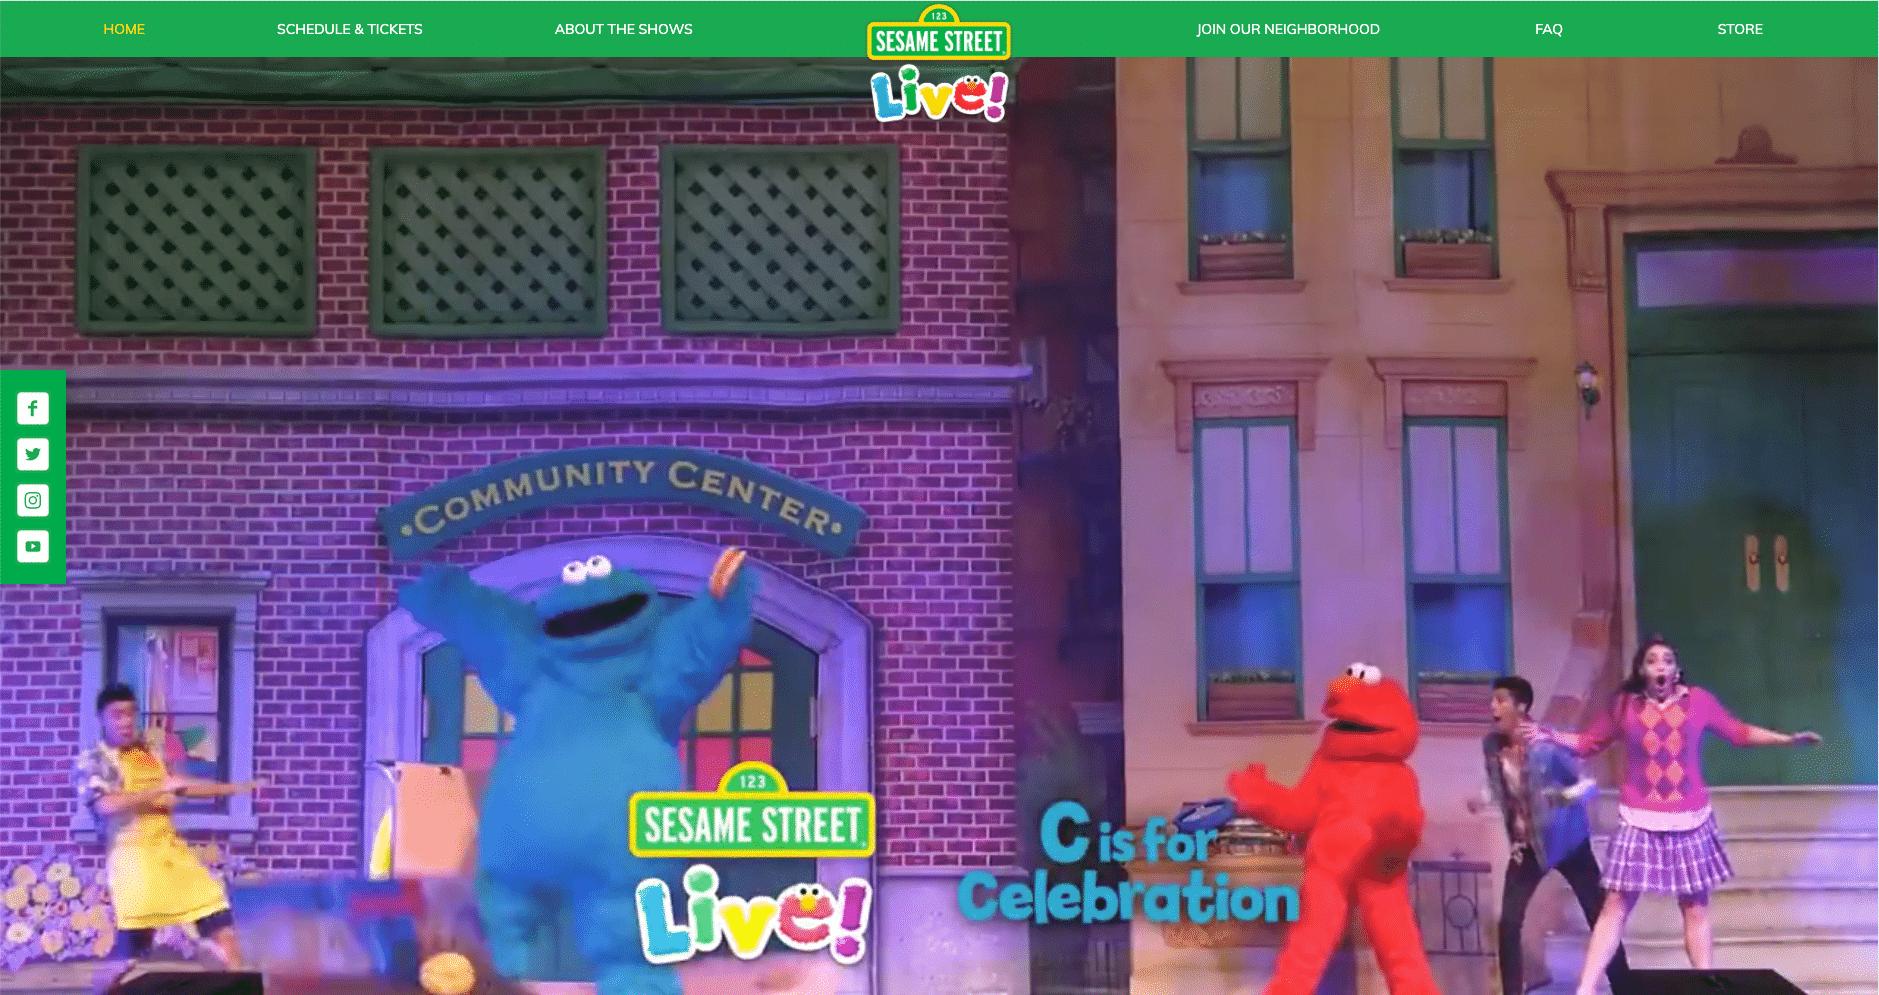 Sesame Street Live, de ticketwinkel van de live optredens van de show